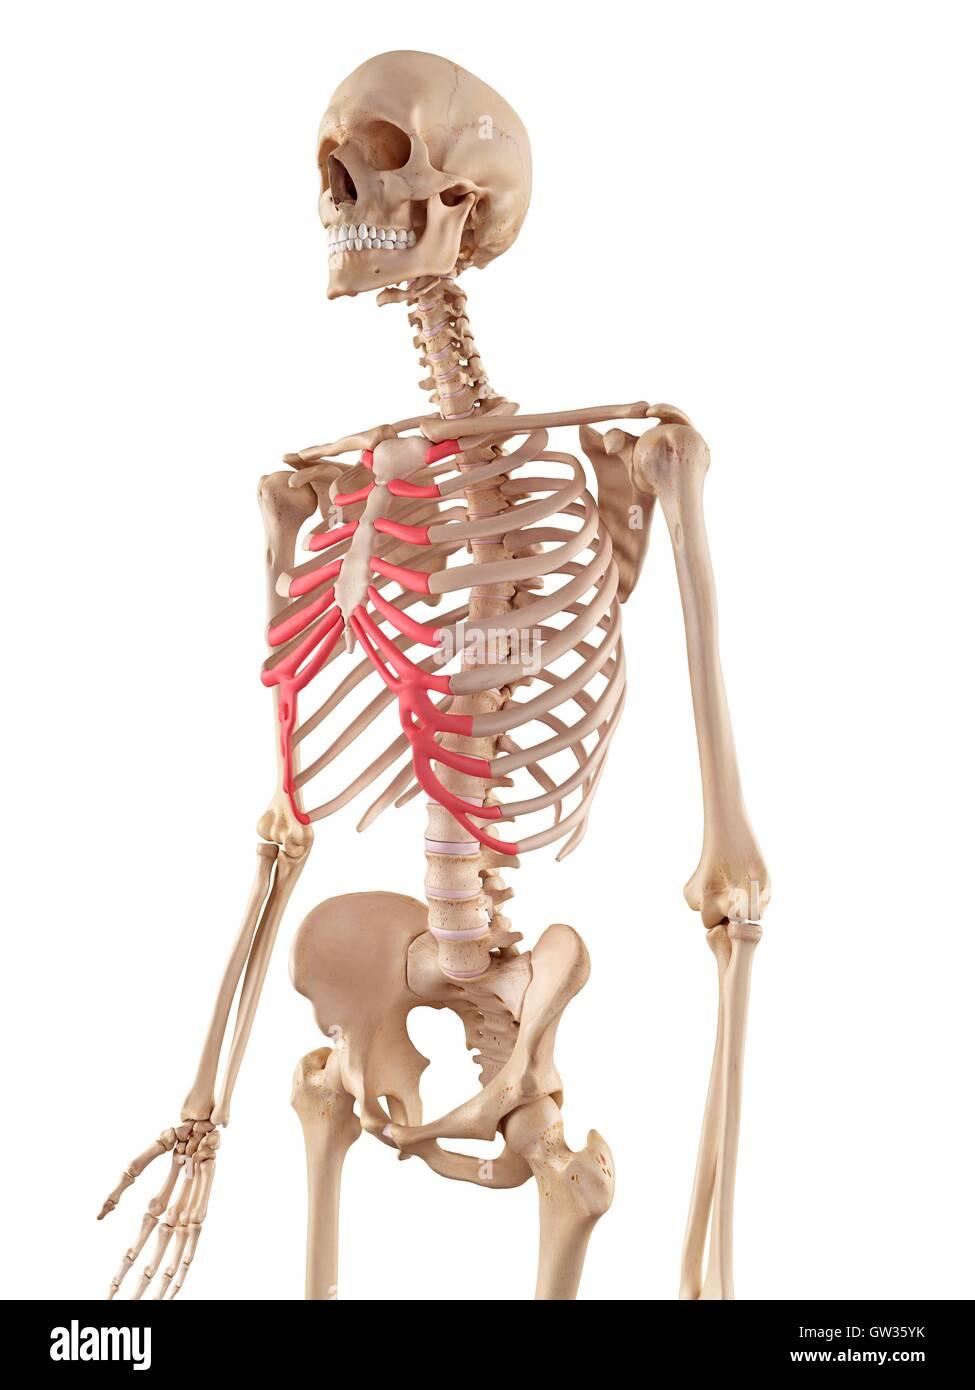 Menschliche Rippen Knorpel, Abbildung Stockfoto, Bild: 118699159 - Alamy